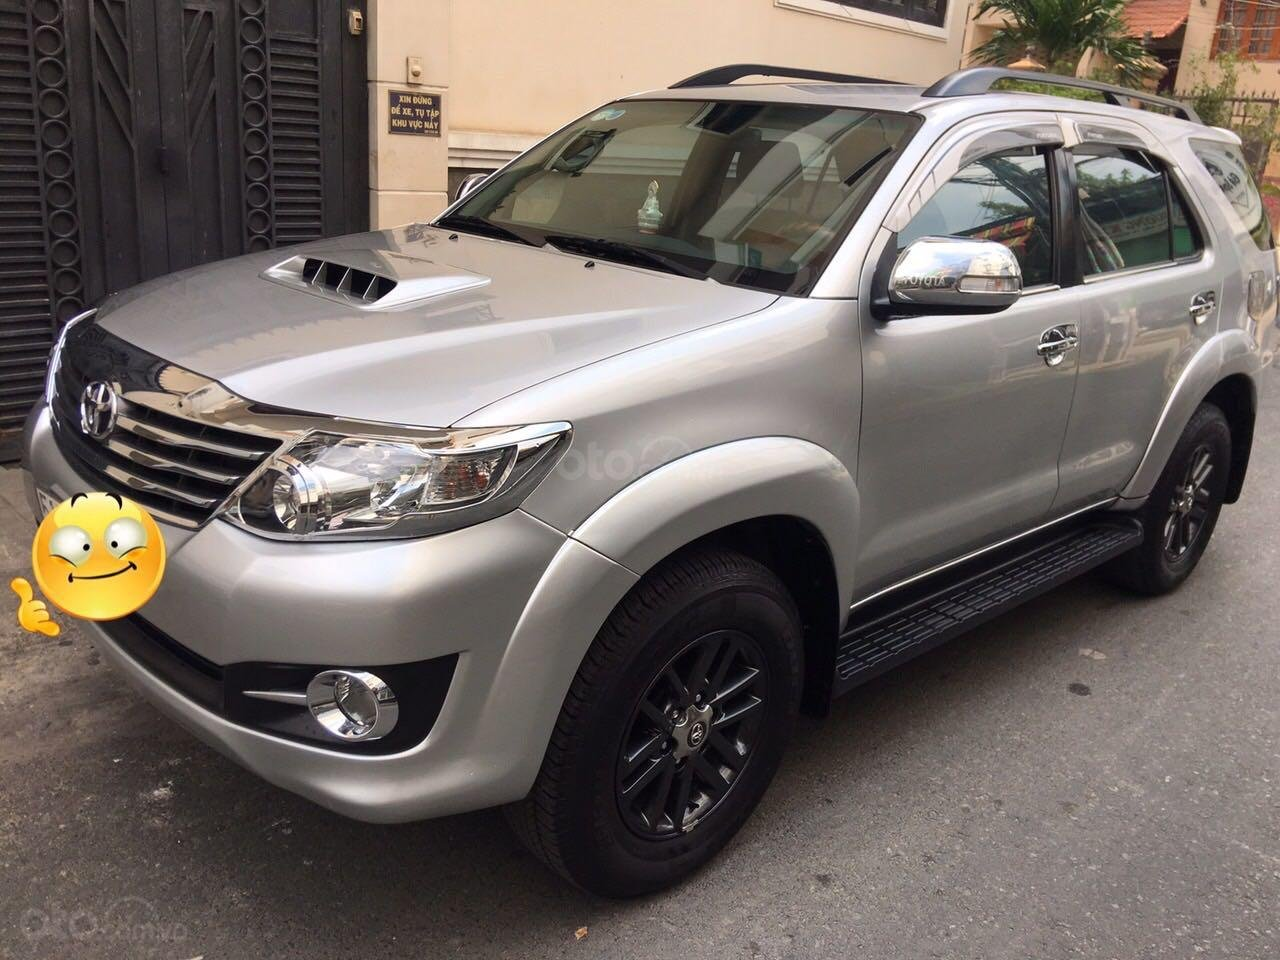 Bán xe Toyota Fortuner năm 2016, màu bạc còn mới, giá chỉ 790 triệu đồng (2)